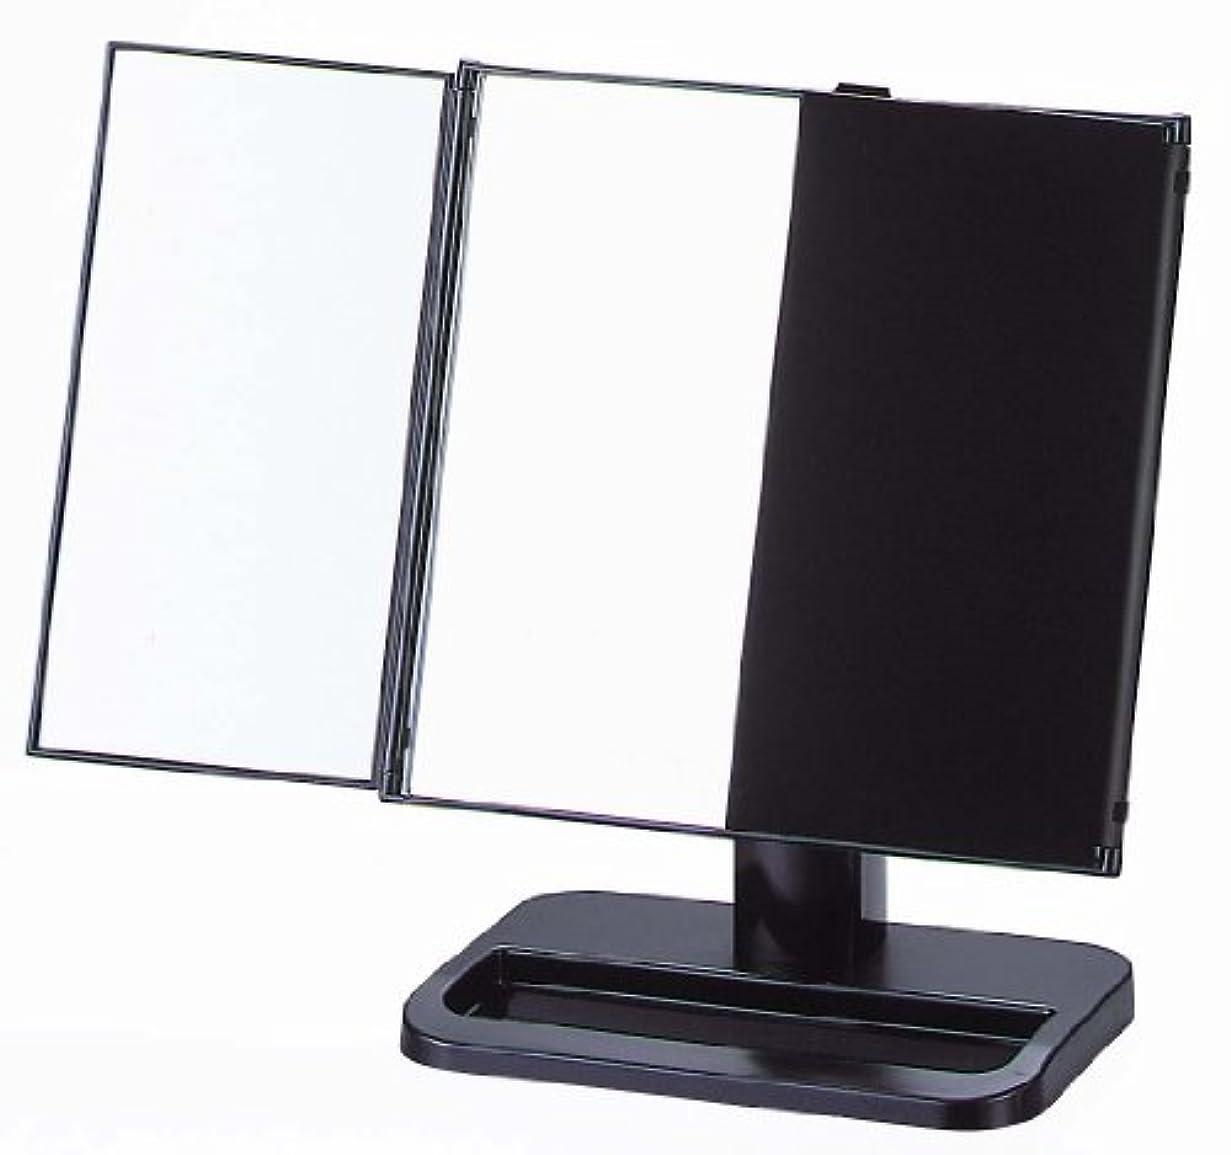 議会共産主義者知覚するヤマムラ 三面鏡 ブラック 日本製 S-888